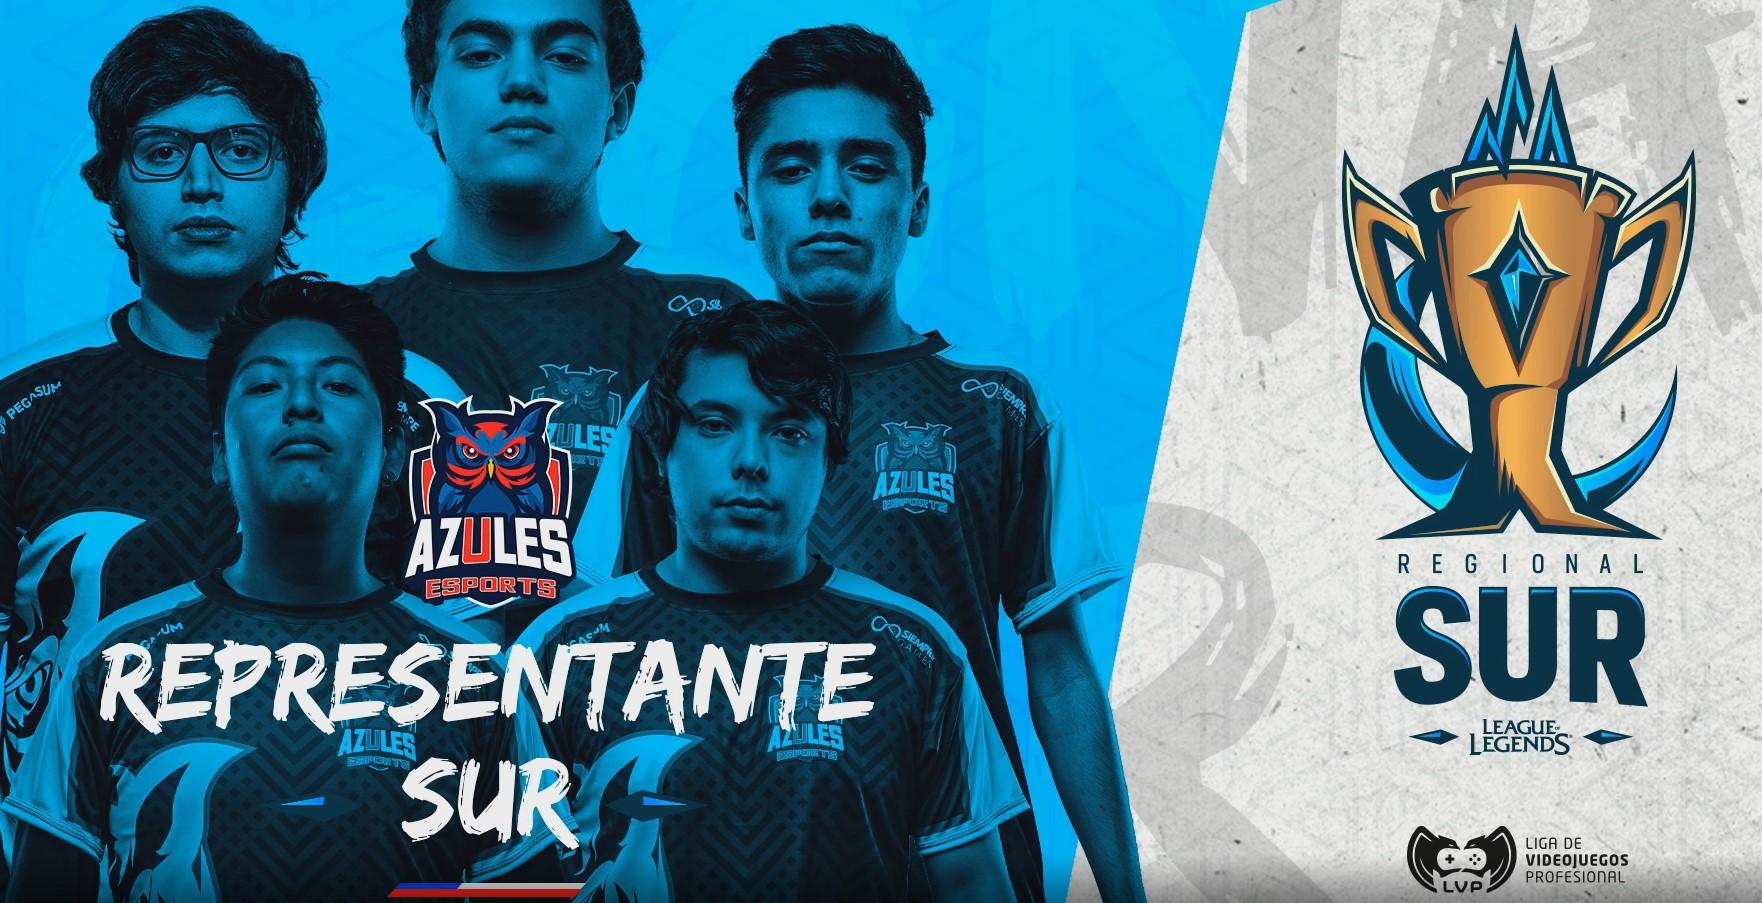 [FINAL] Se terminó el sueño de 9z Team: Azules Esports se quedó con el Regional Sur